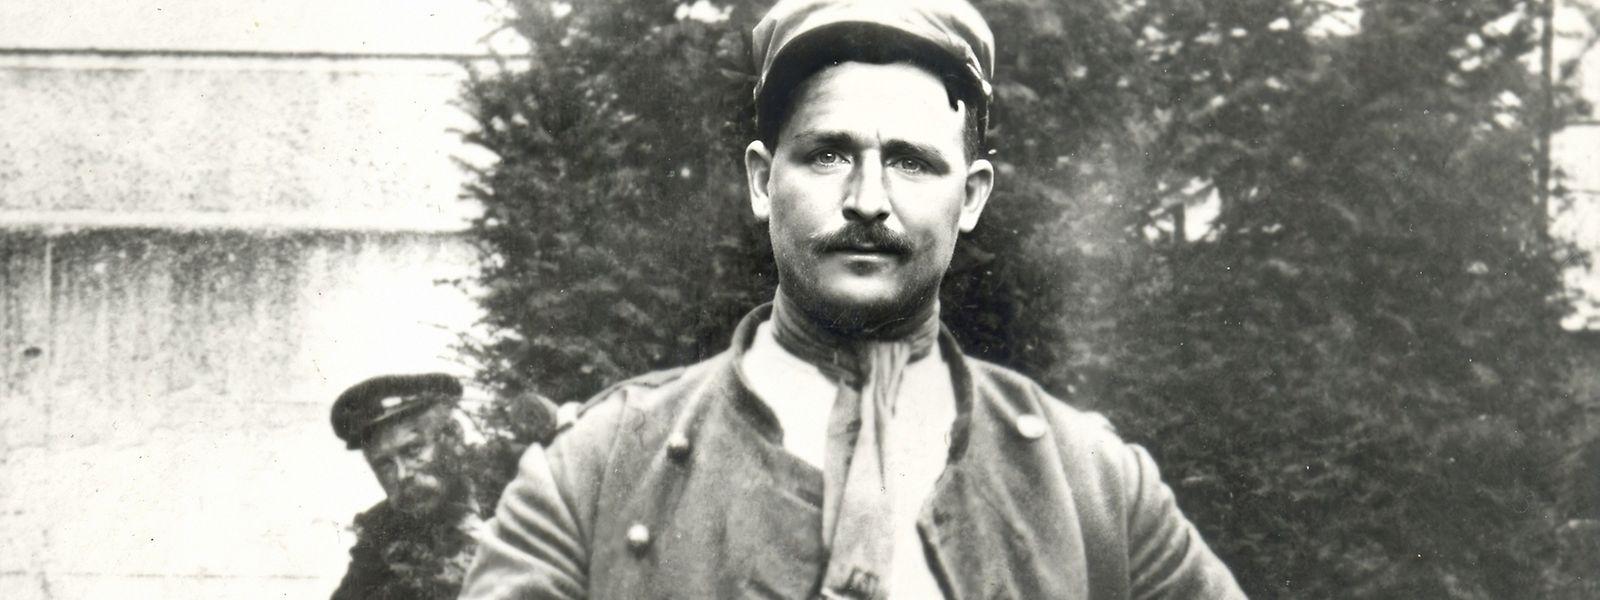 Radsportlegende Francois Faber als Fremdenlegionär kurz vor seinem Tod 1915. Die Künstliche Intelligenz lässt ihn für kurze Zeit lebendig werden.